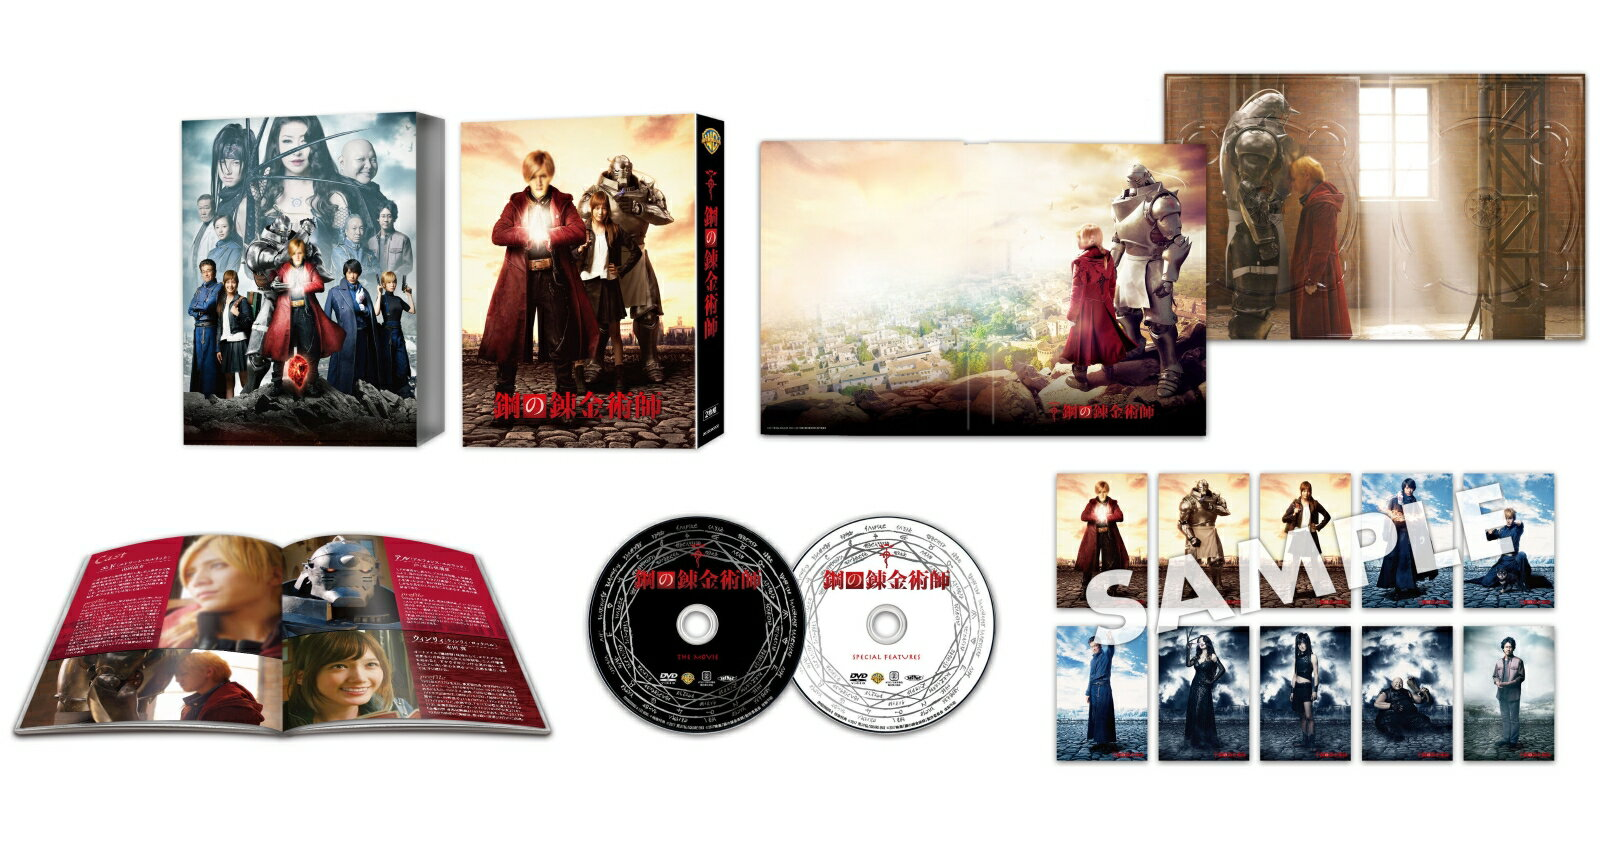 鋼の錬金術師 DVD プレミアム・エディション(2枚組)(初回仕様)